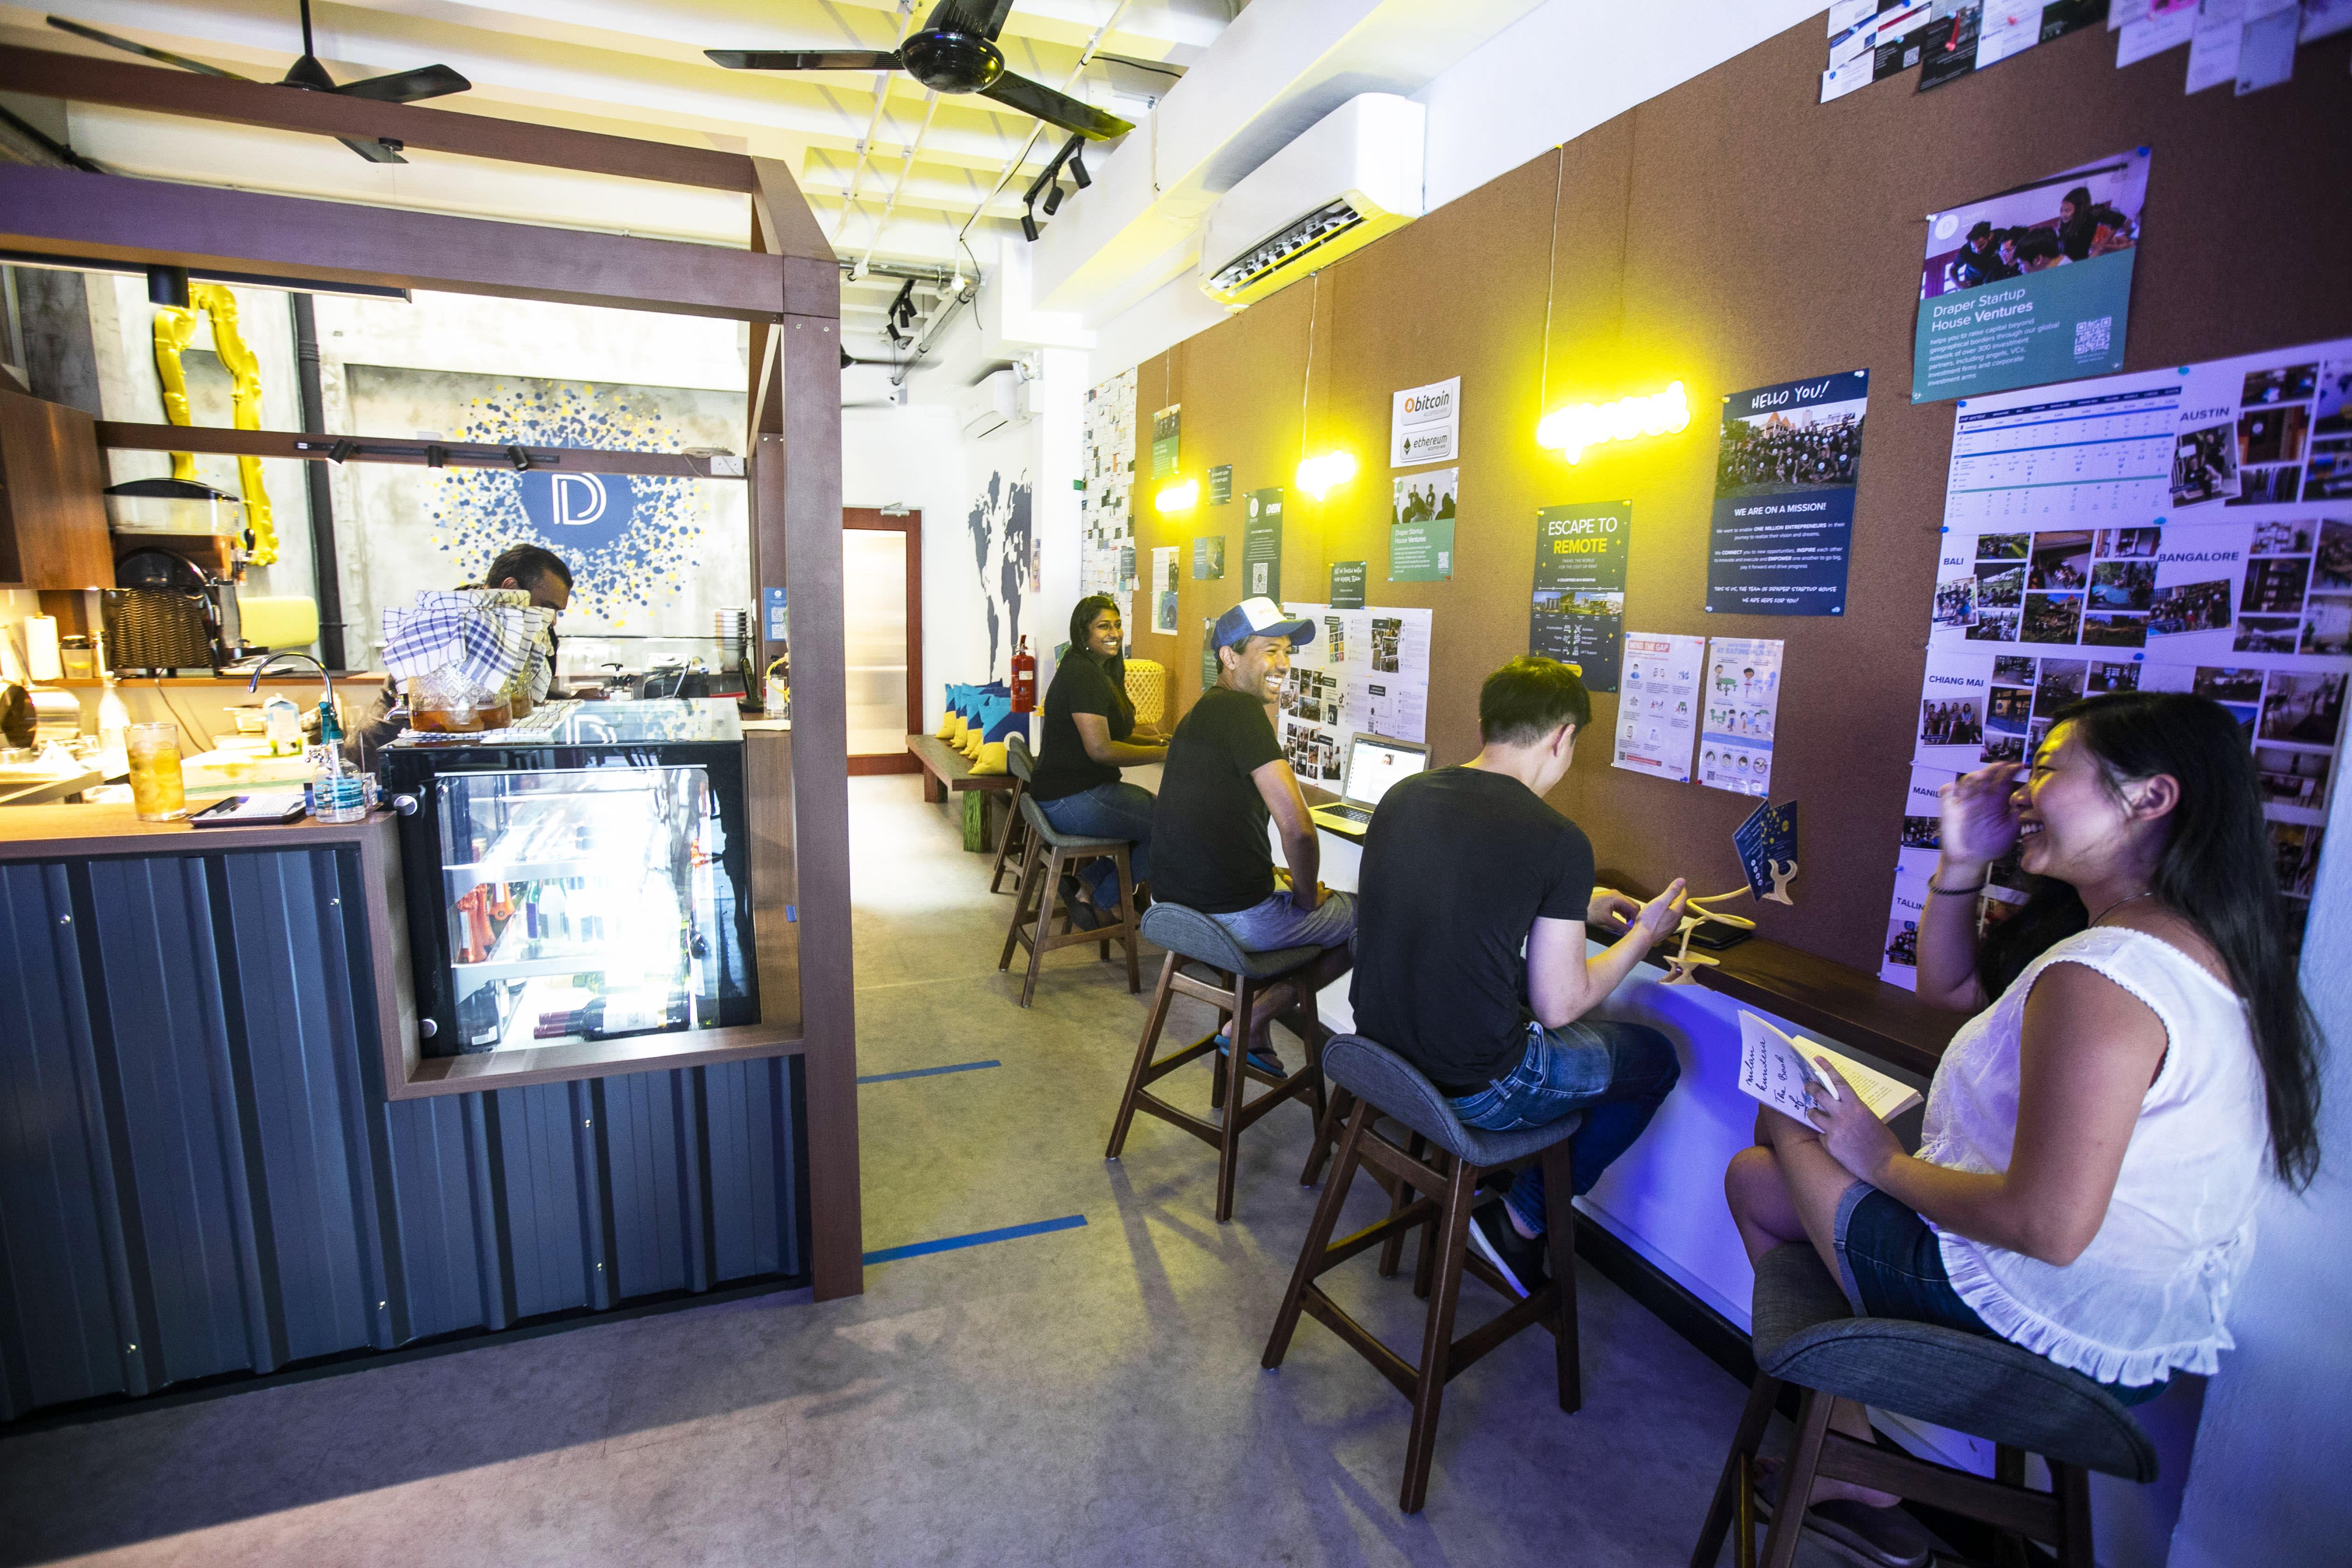 HOSTEL - Draper Startup House for Entrepreneurs